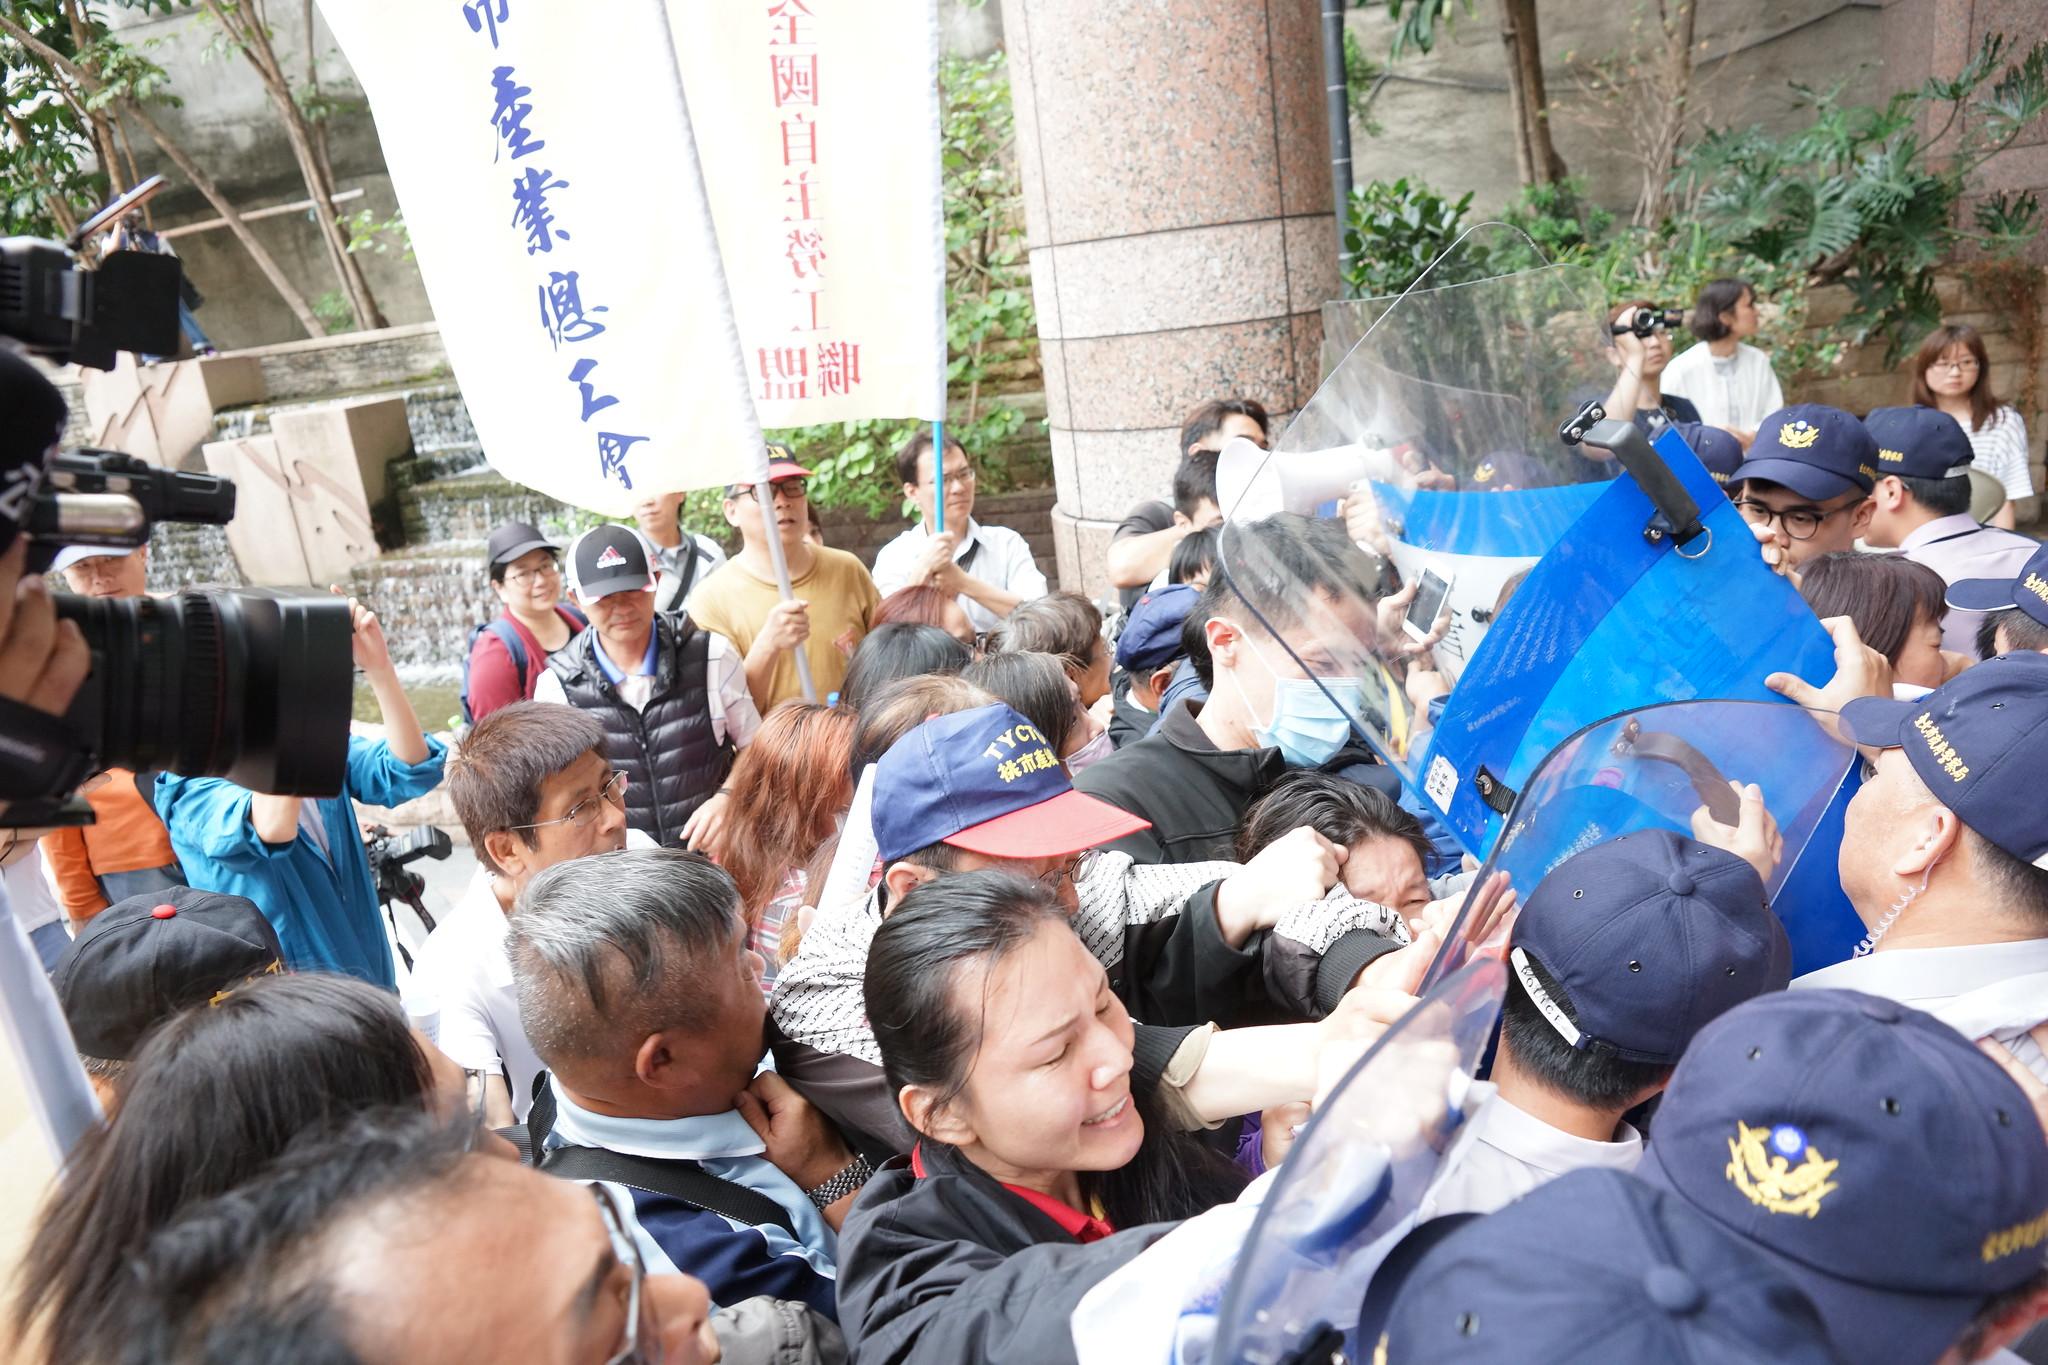 由於勞動部無積極作為也不願出面,勞工欲衝入一度與警方發生推擠衝突。(攝影:王顥中)